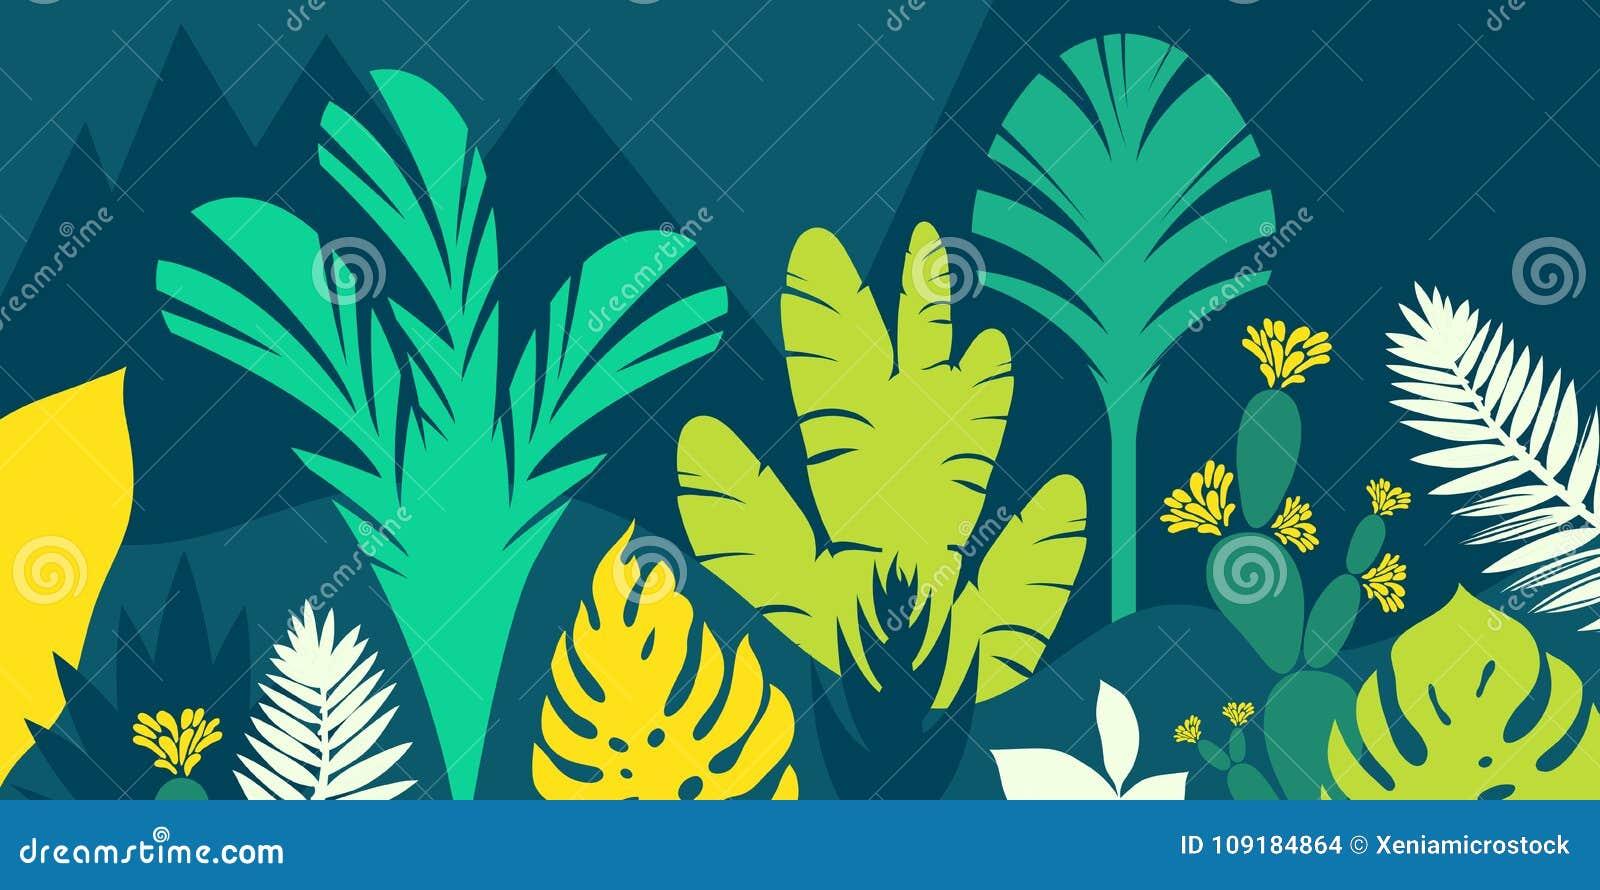 De bomen zijn breedbladige tropisch, varens Het landschap van de berg Vlakke stijl Behoud van het milieu, bossen park, openlucht